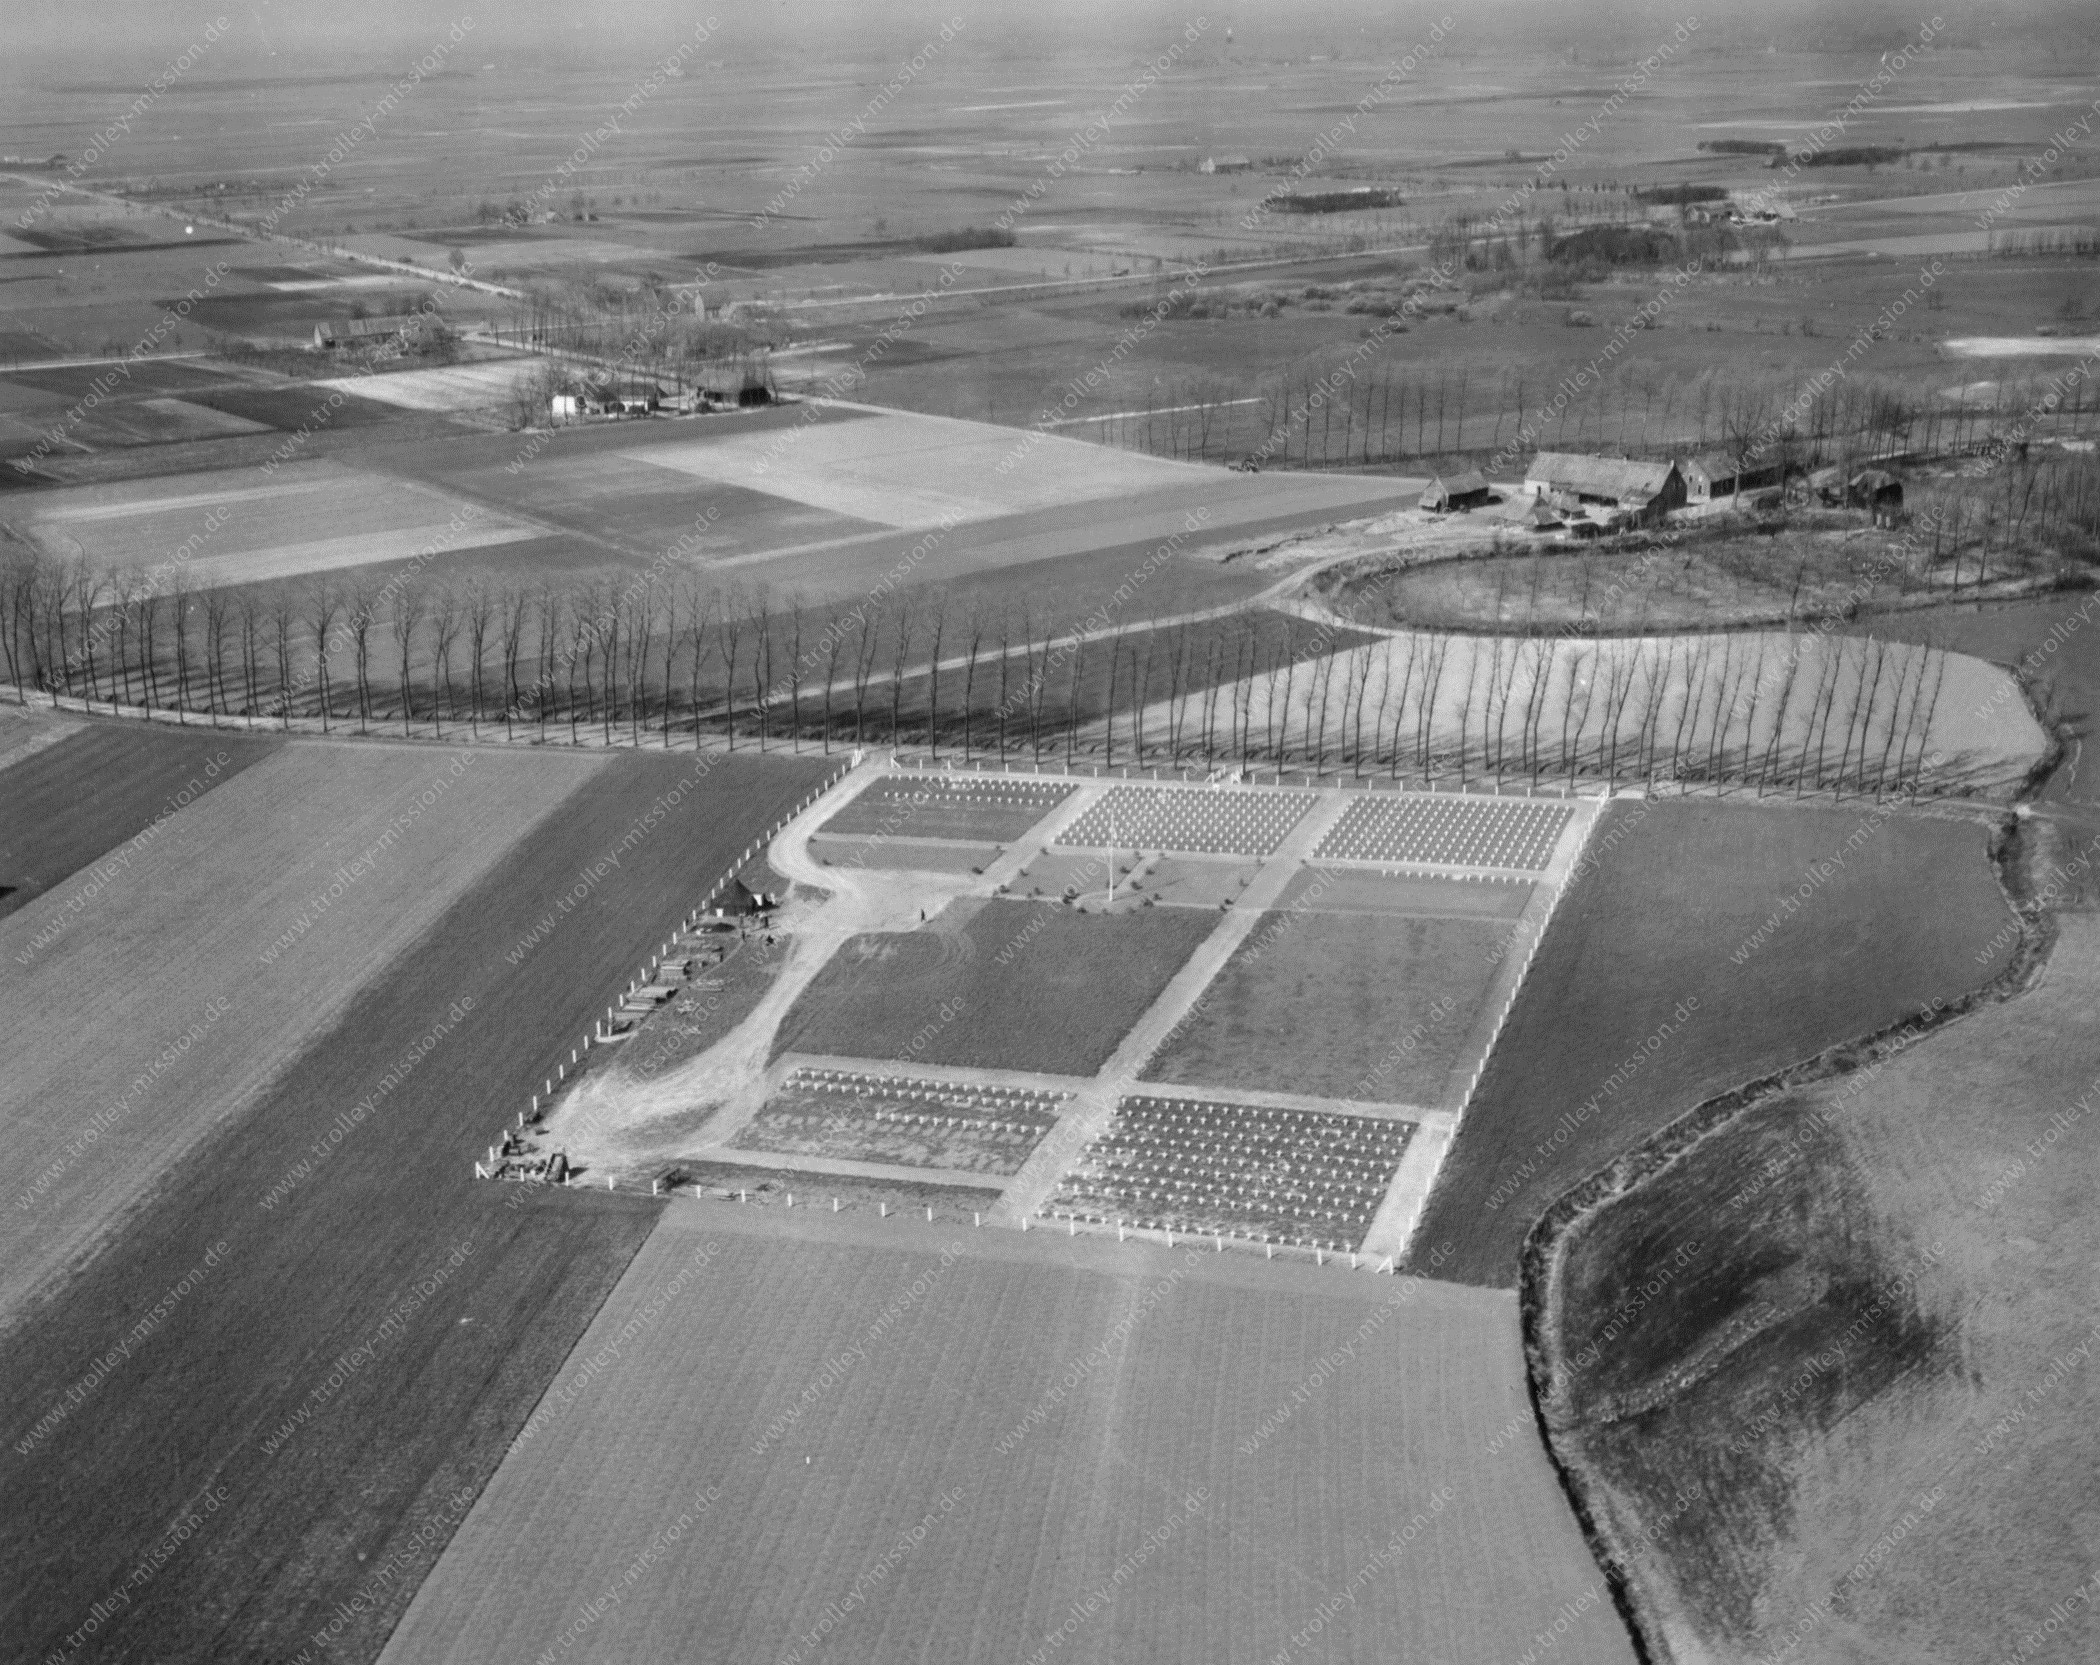 Unbekannter Militärfriedhof in Belgien oder in den Niederlanden (USASC-43)